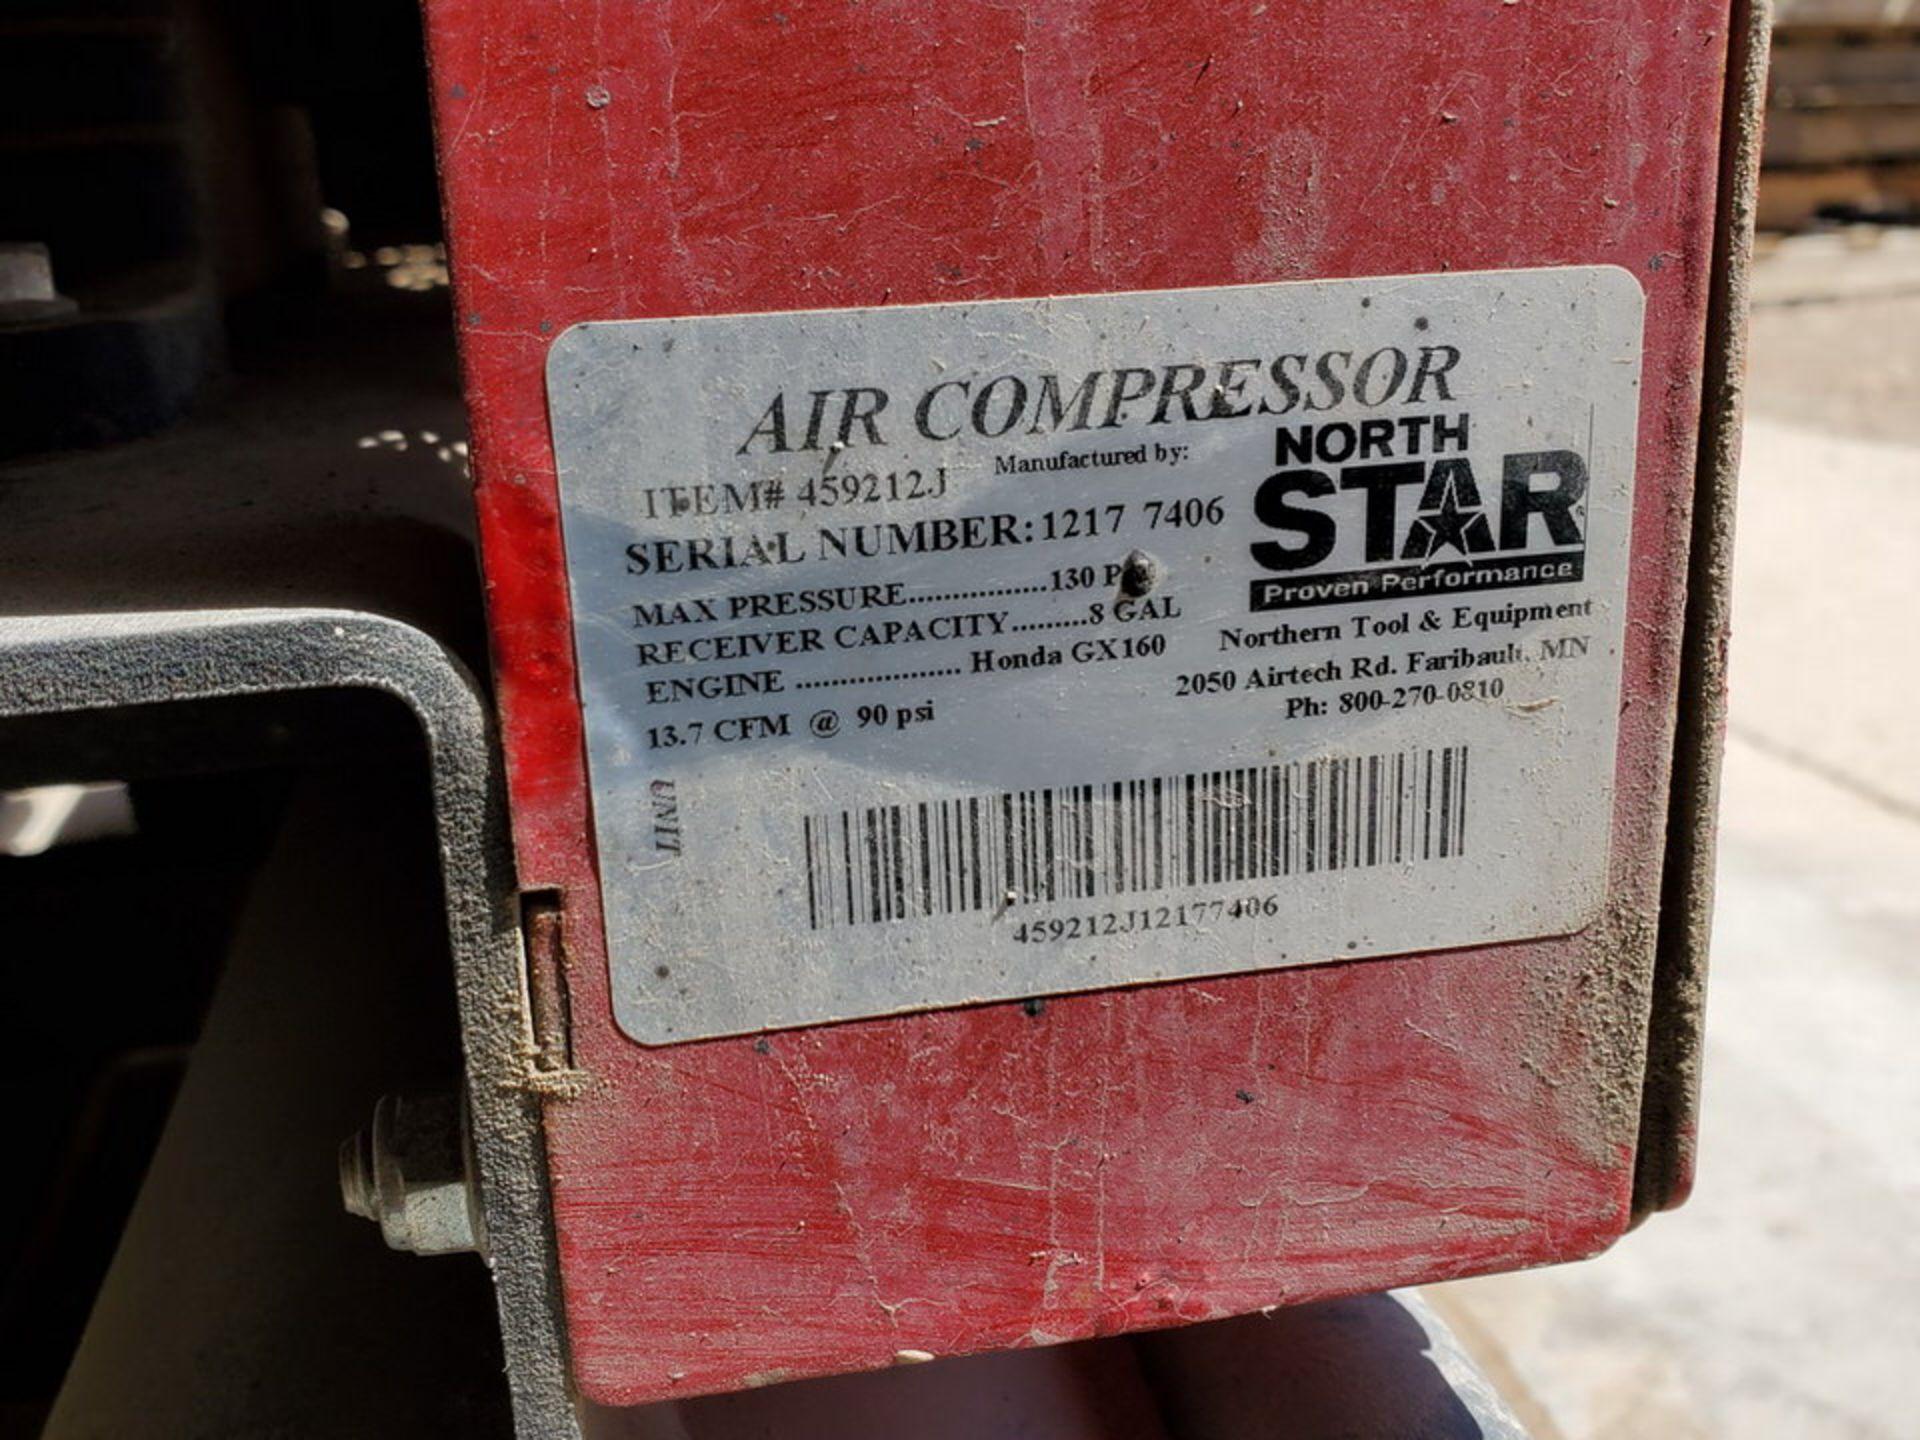 North Star Air Compressor 130psi, 8Gal Cap., W/ Honda GX160 Engine, 15.7CFM@90psi - Image 6 of 6